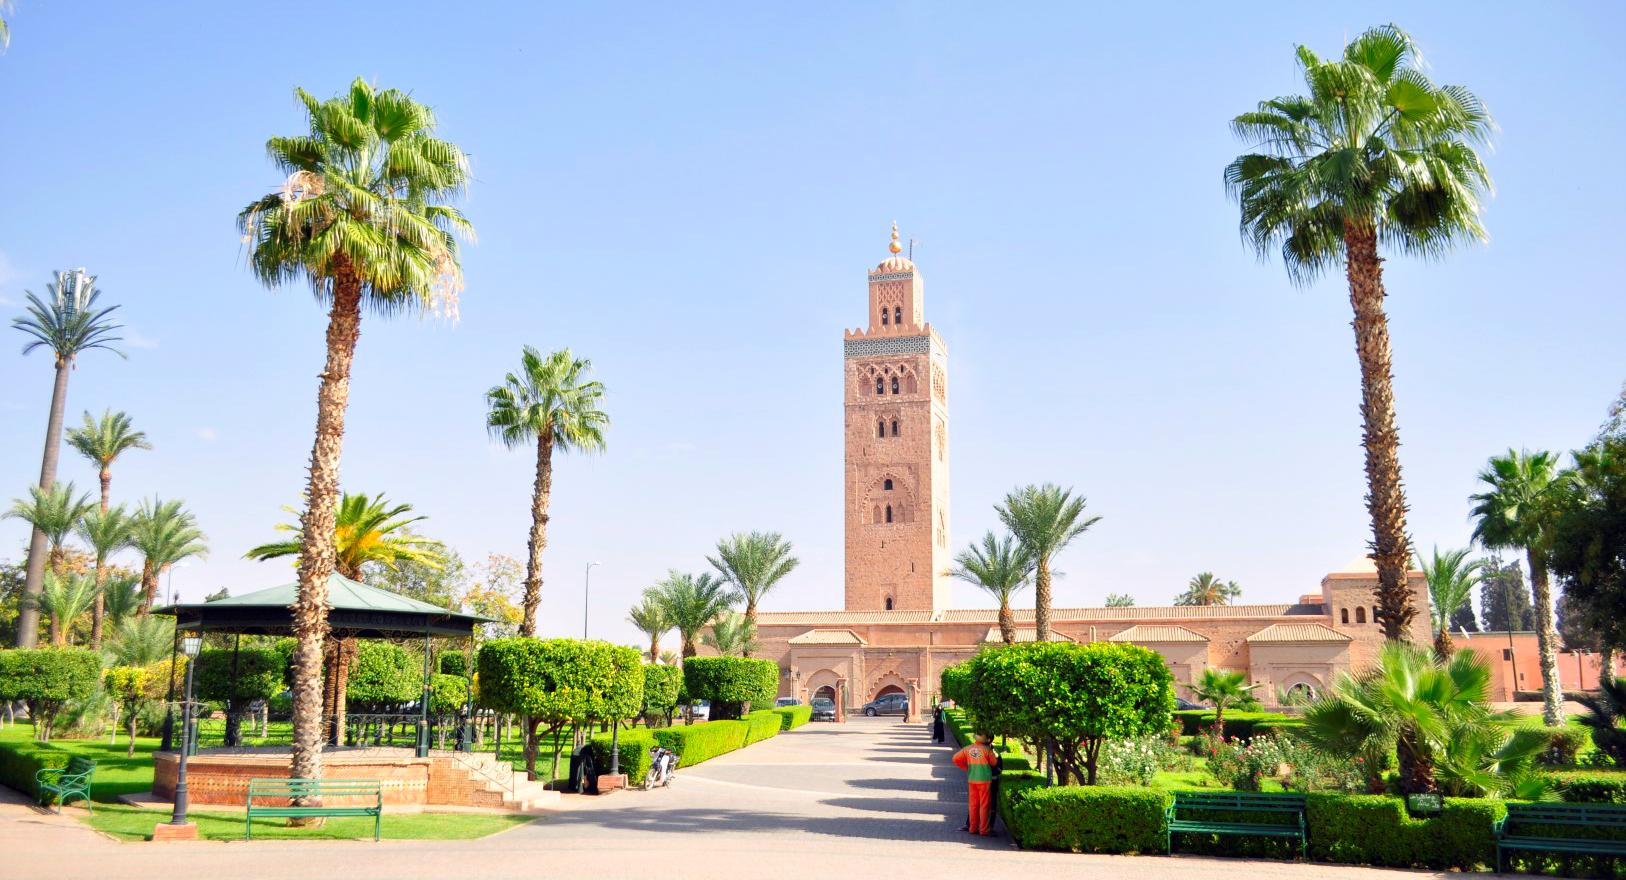 Qué ver en Marrakech, Marruecos - Morocco qué ver en marrakech - 30274418383 02368521d0 o - Qué ver en Marrakech, Marruecos